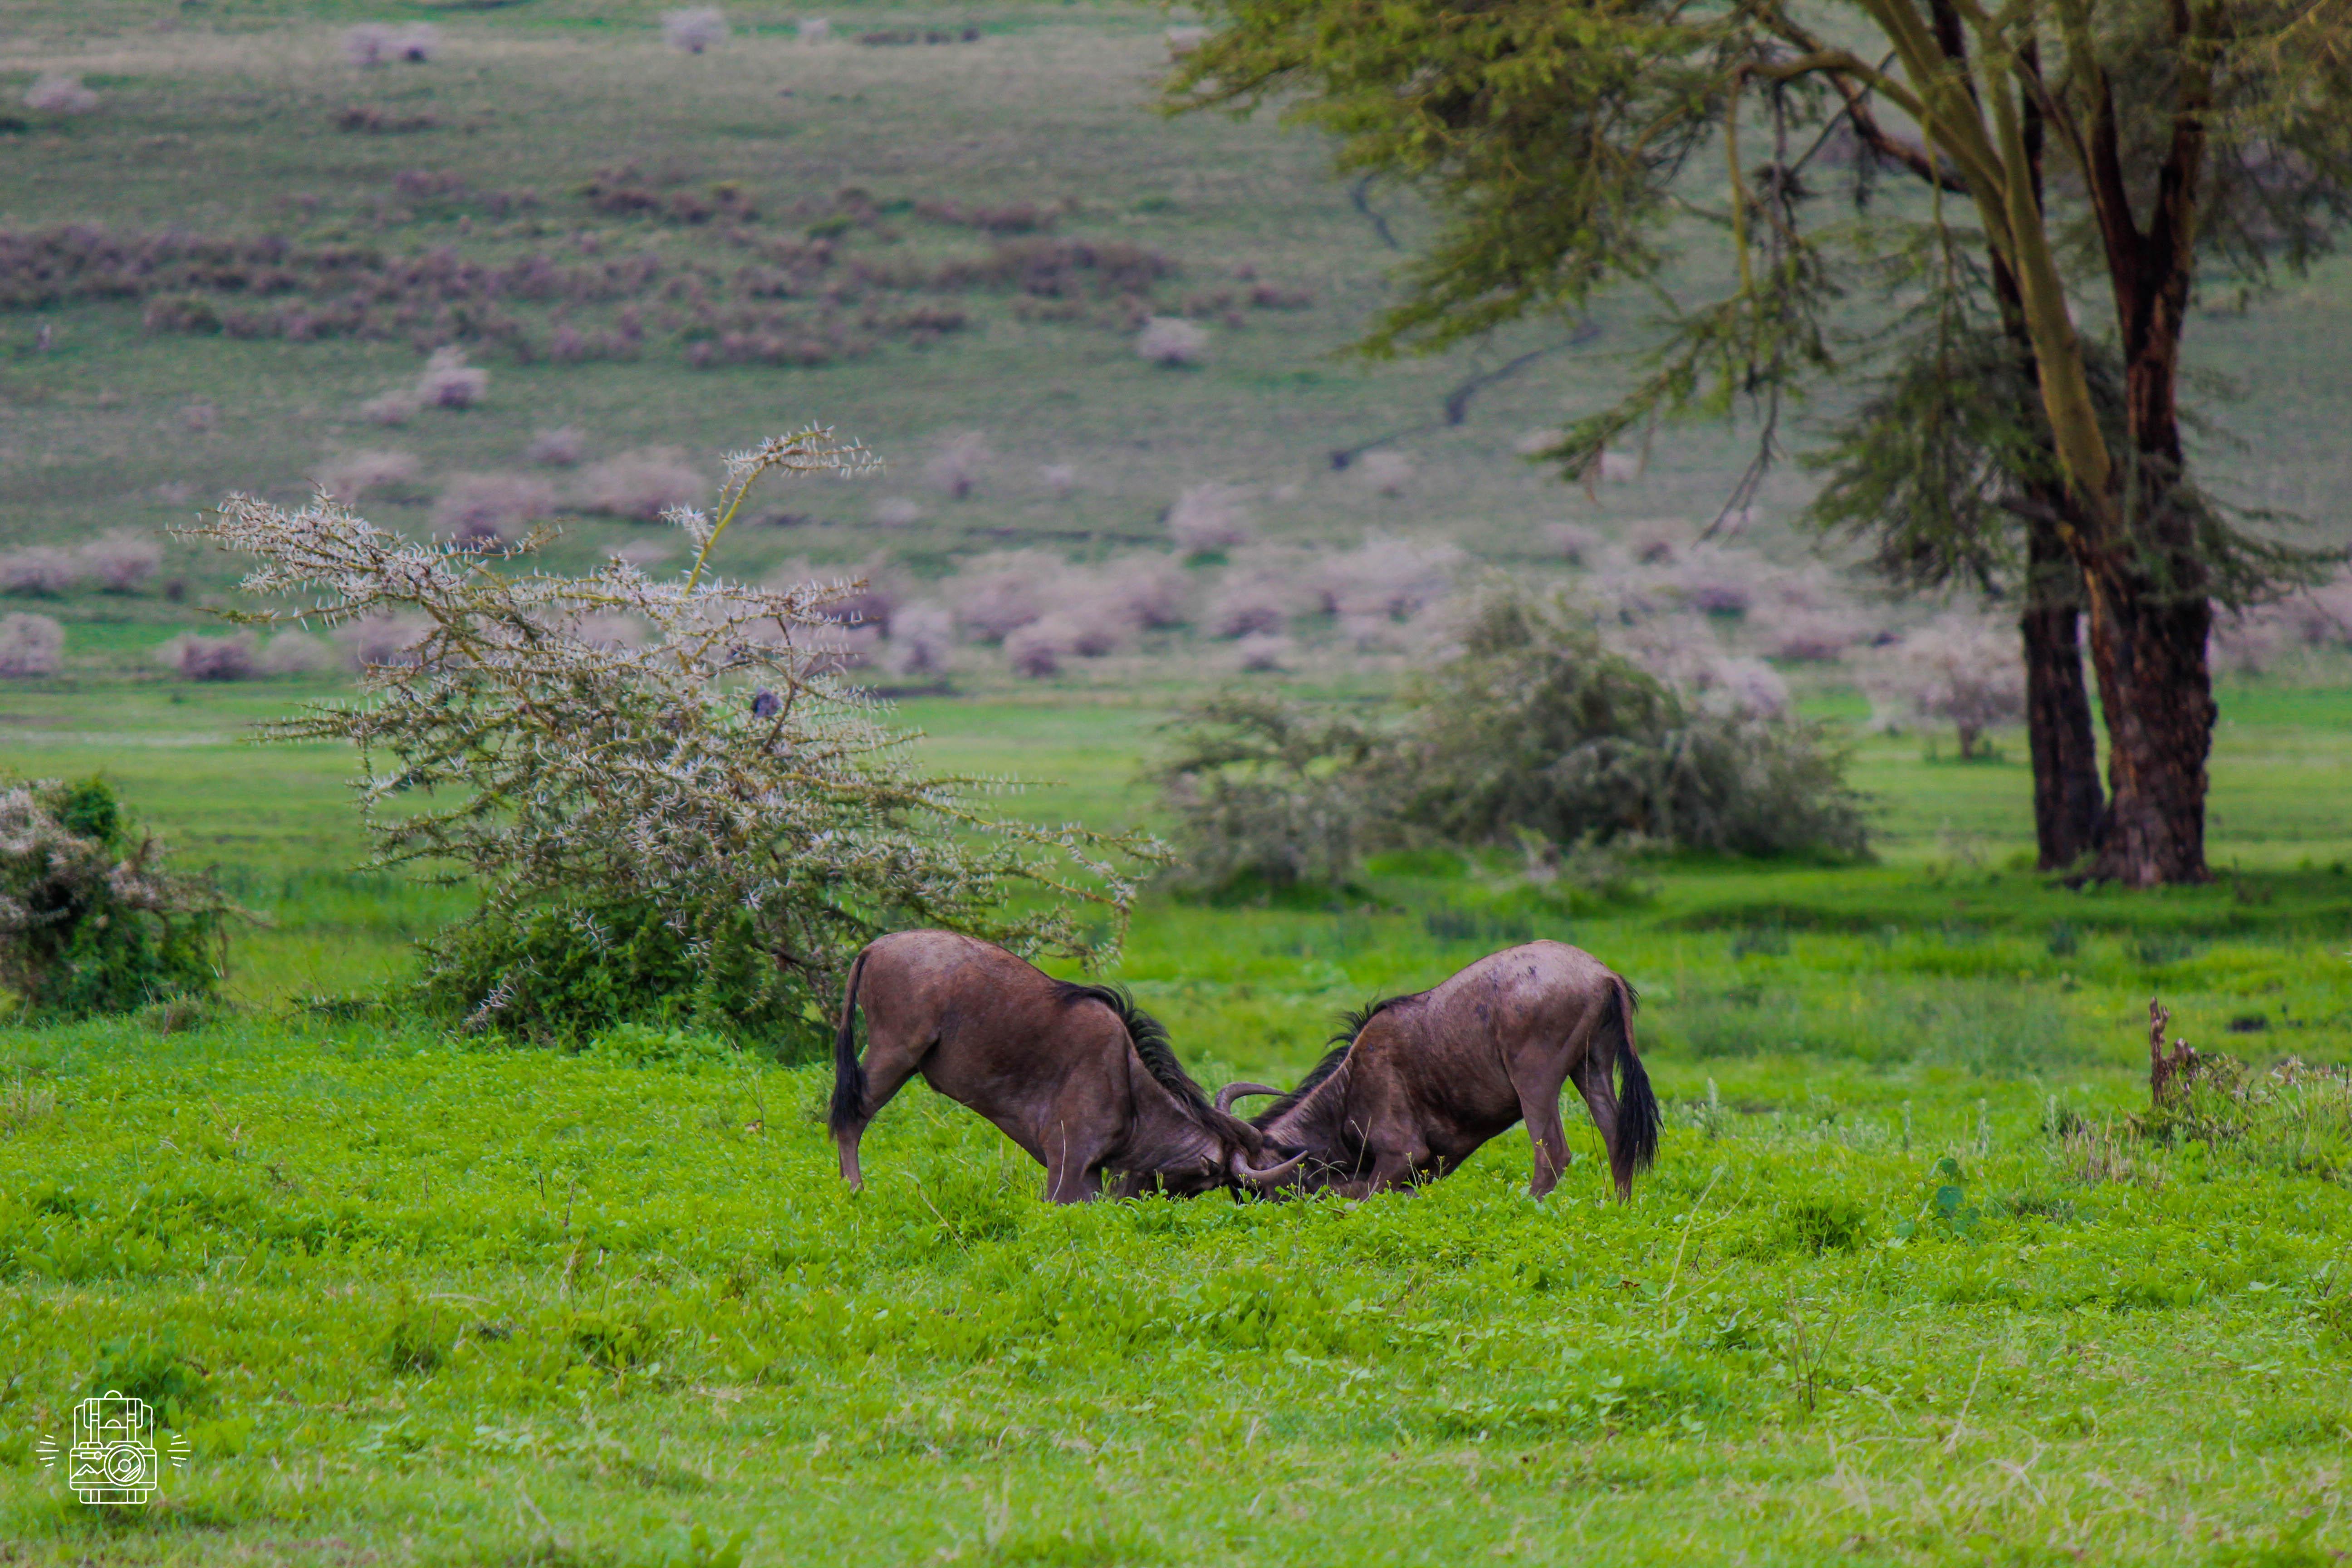 Tanzanie/ngorongoro